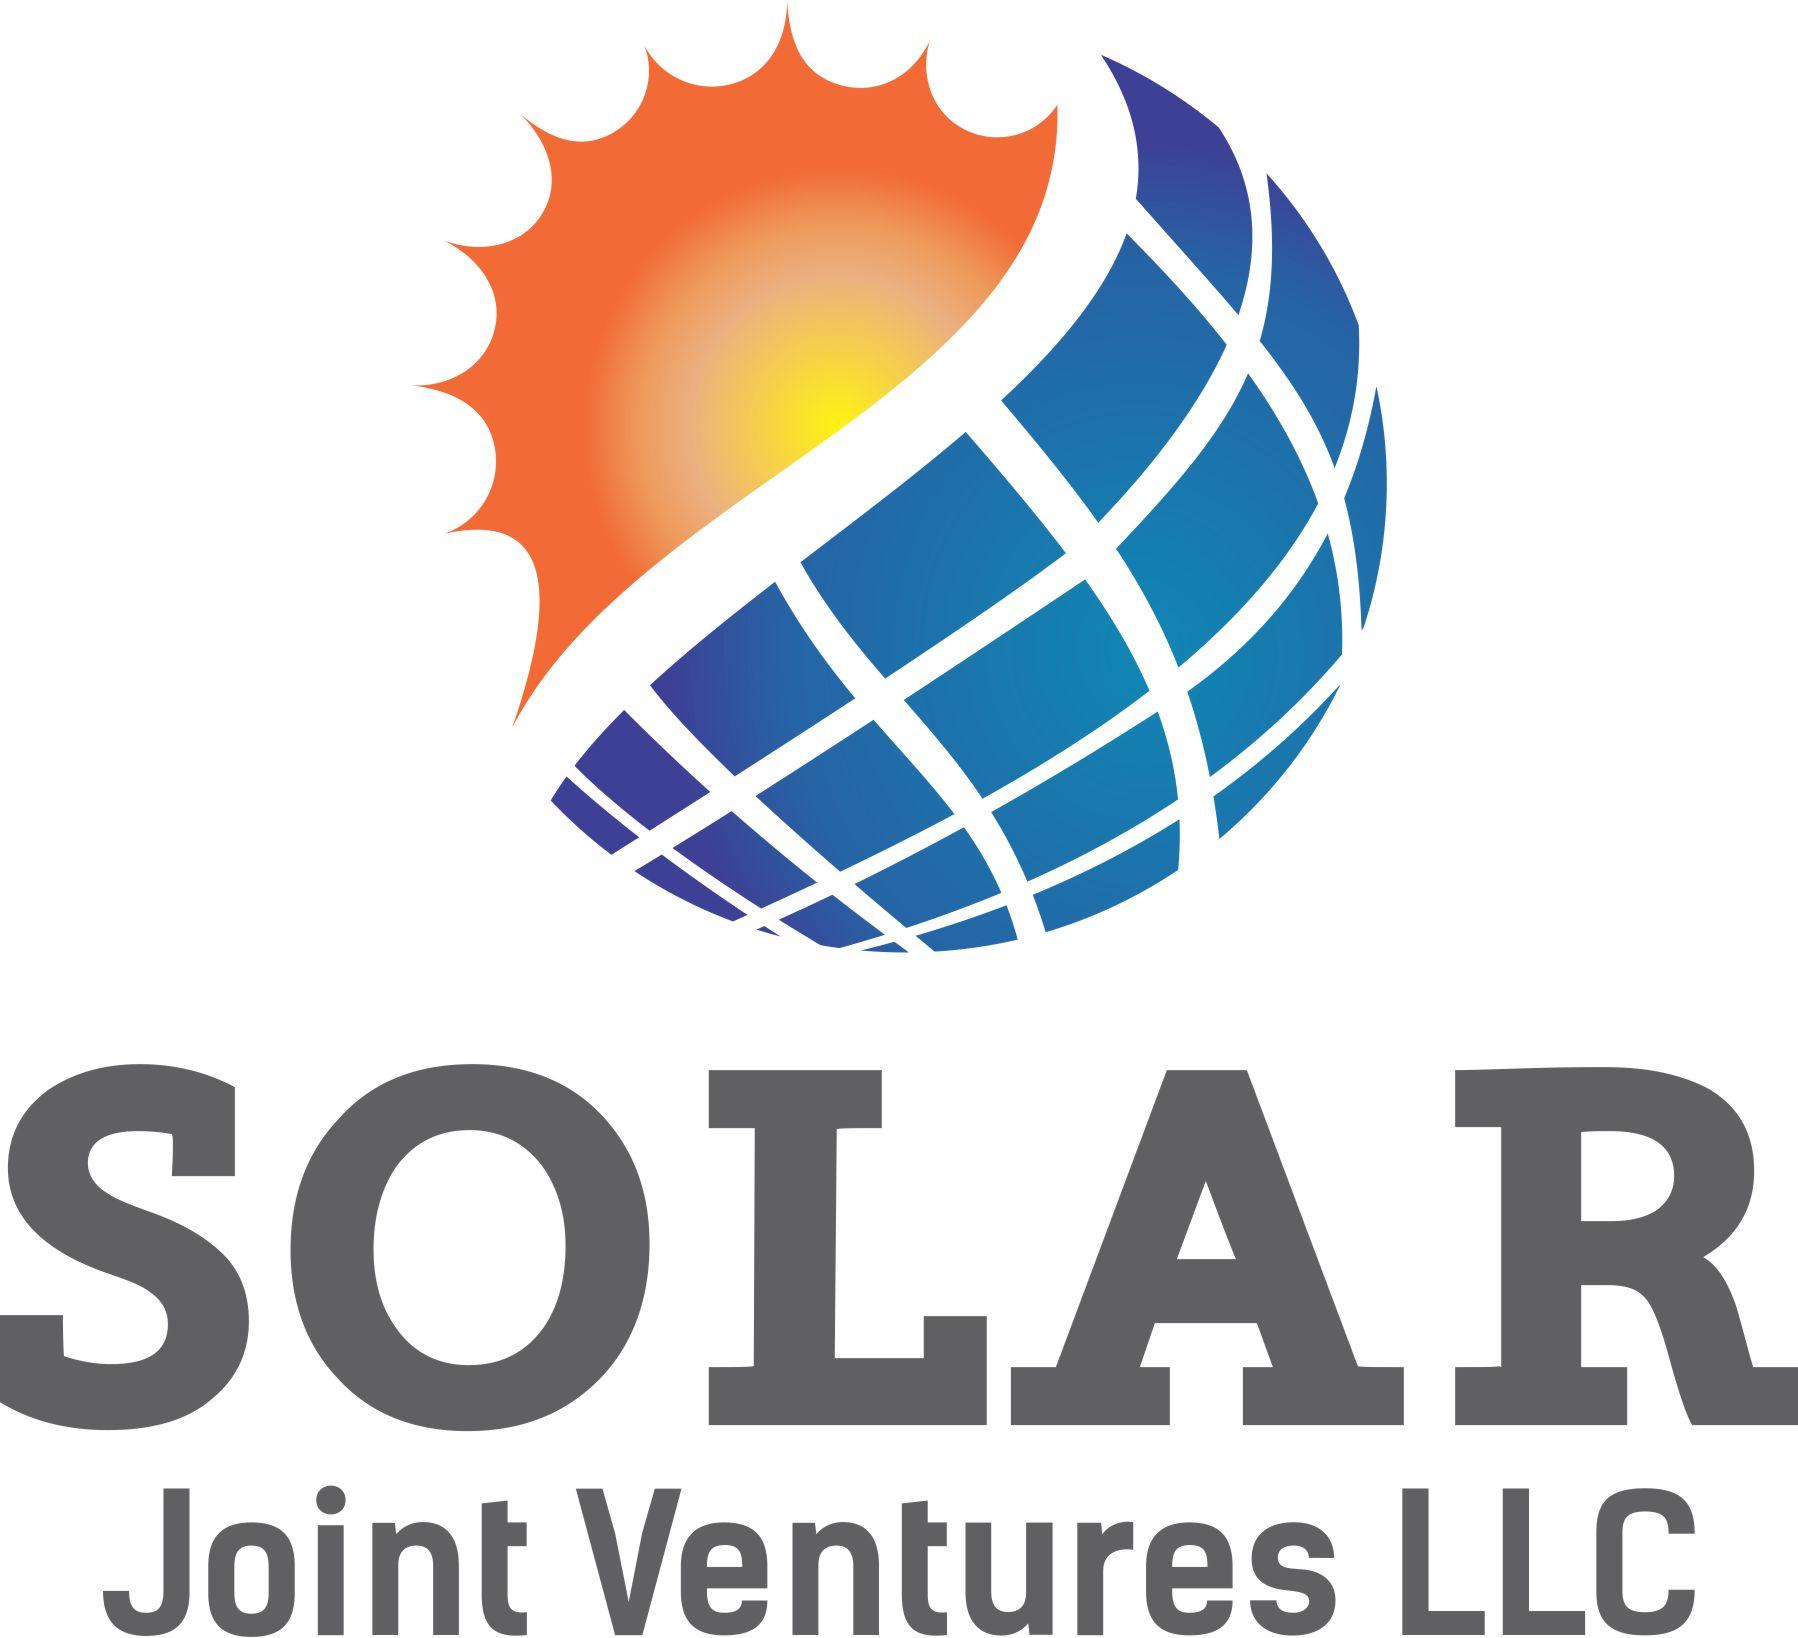 Solar Joint Ventures